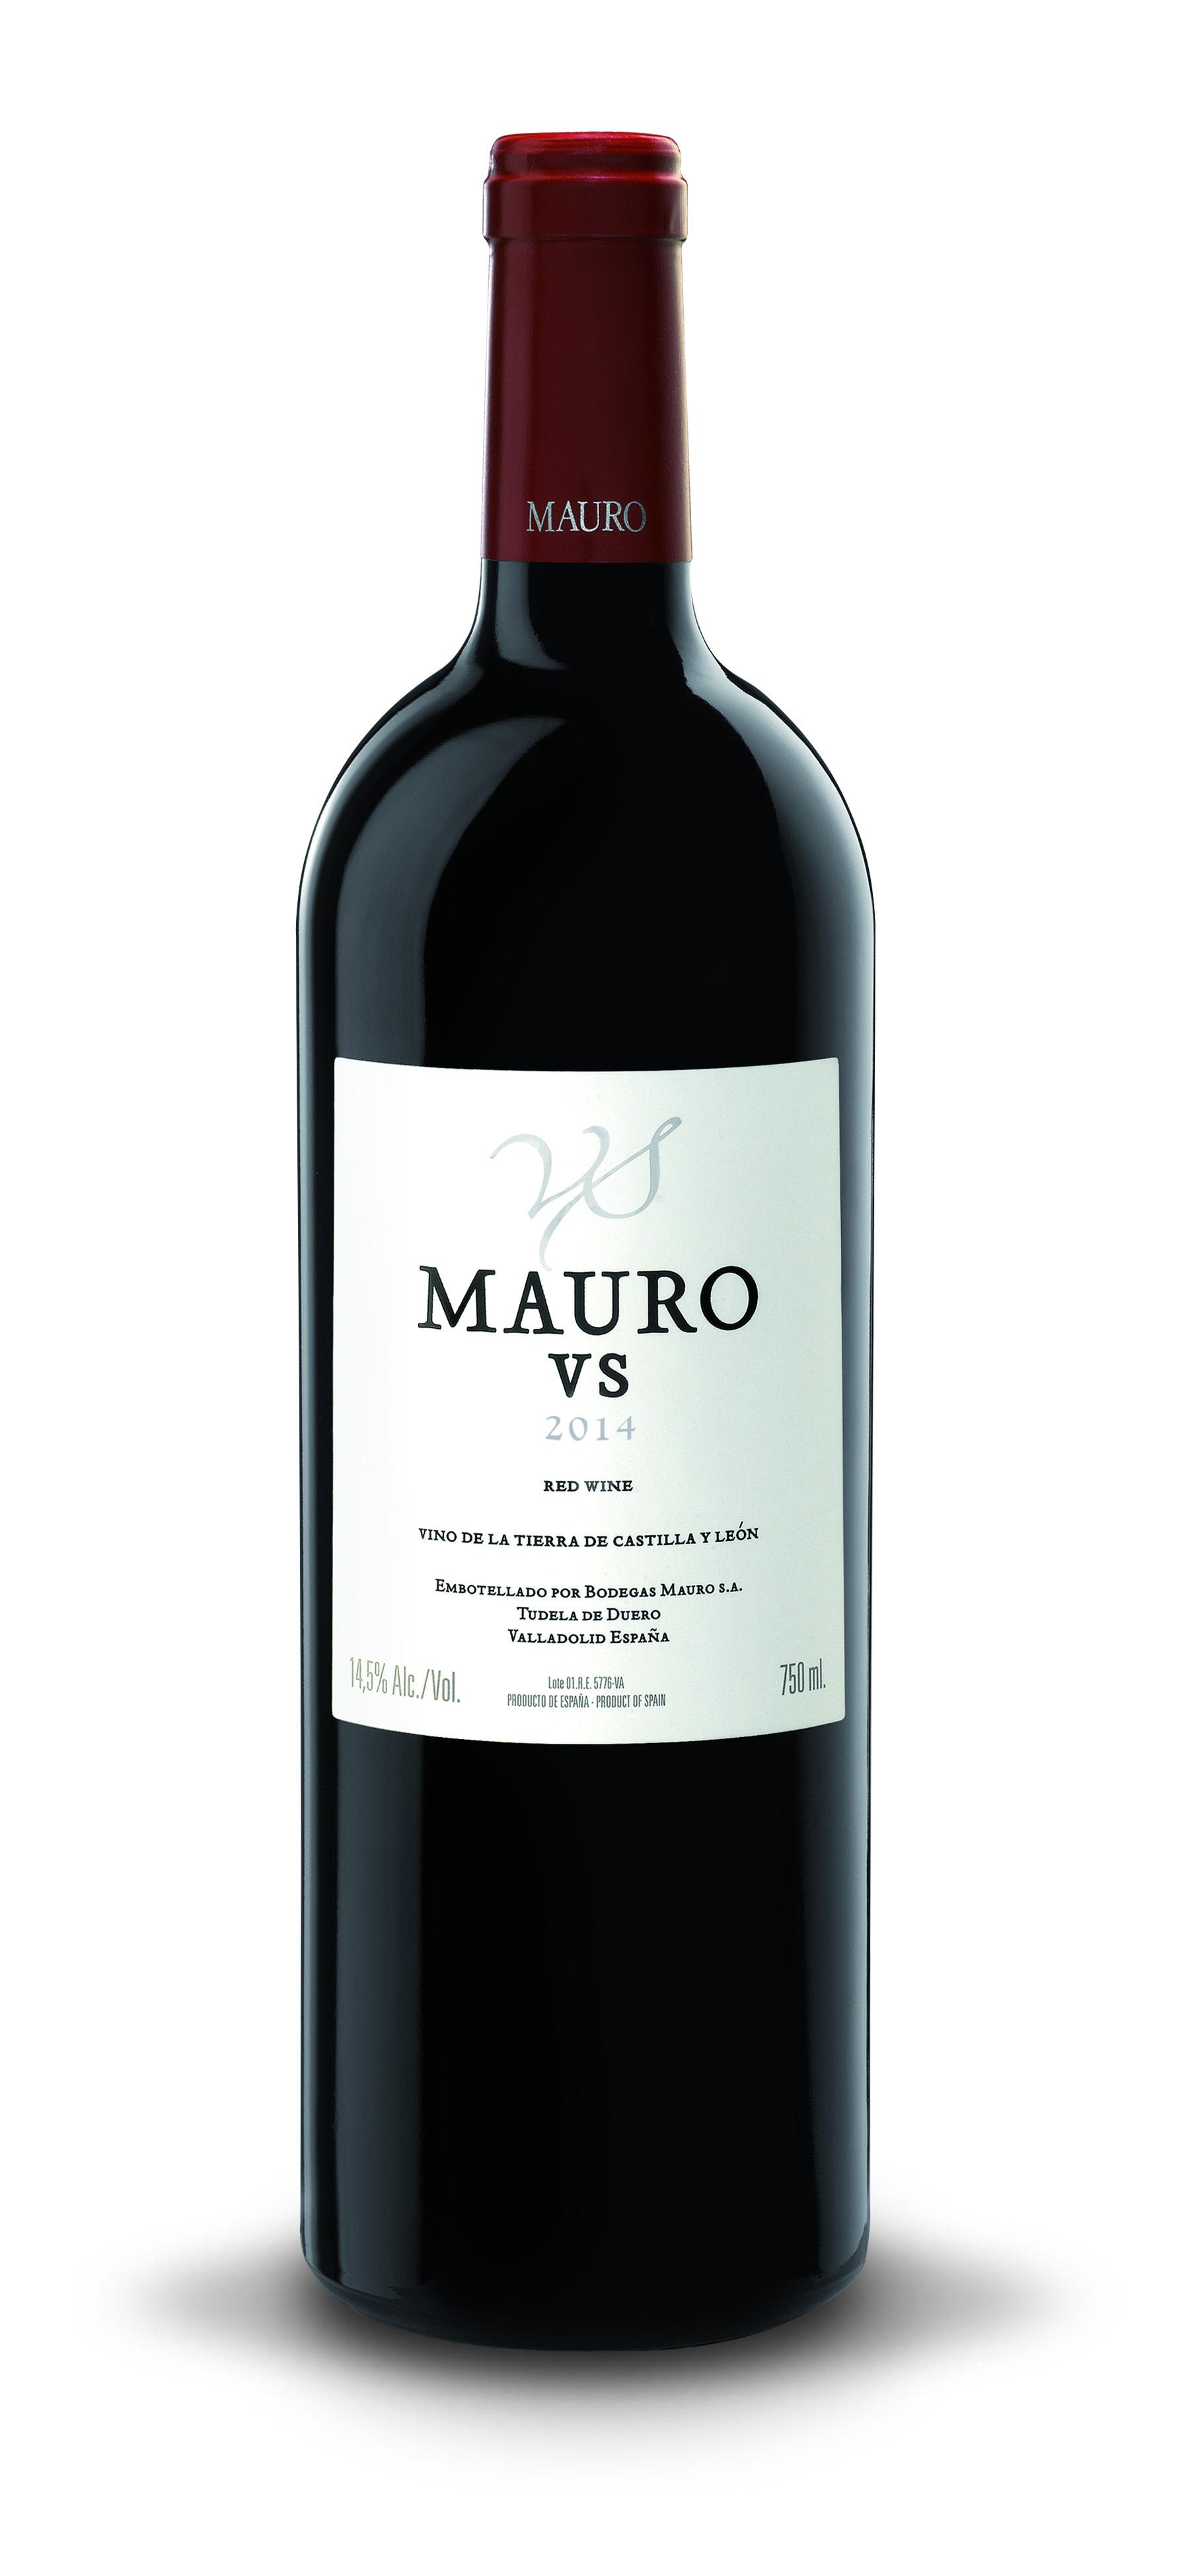 Mauro V.S.2014